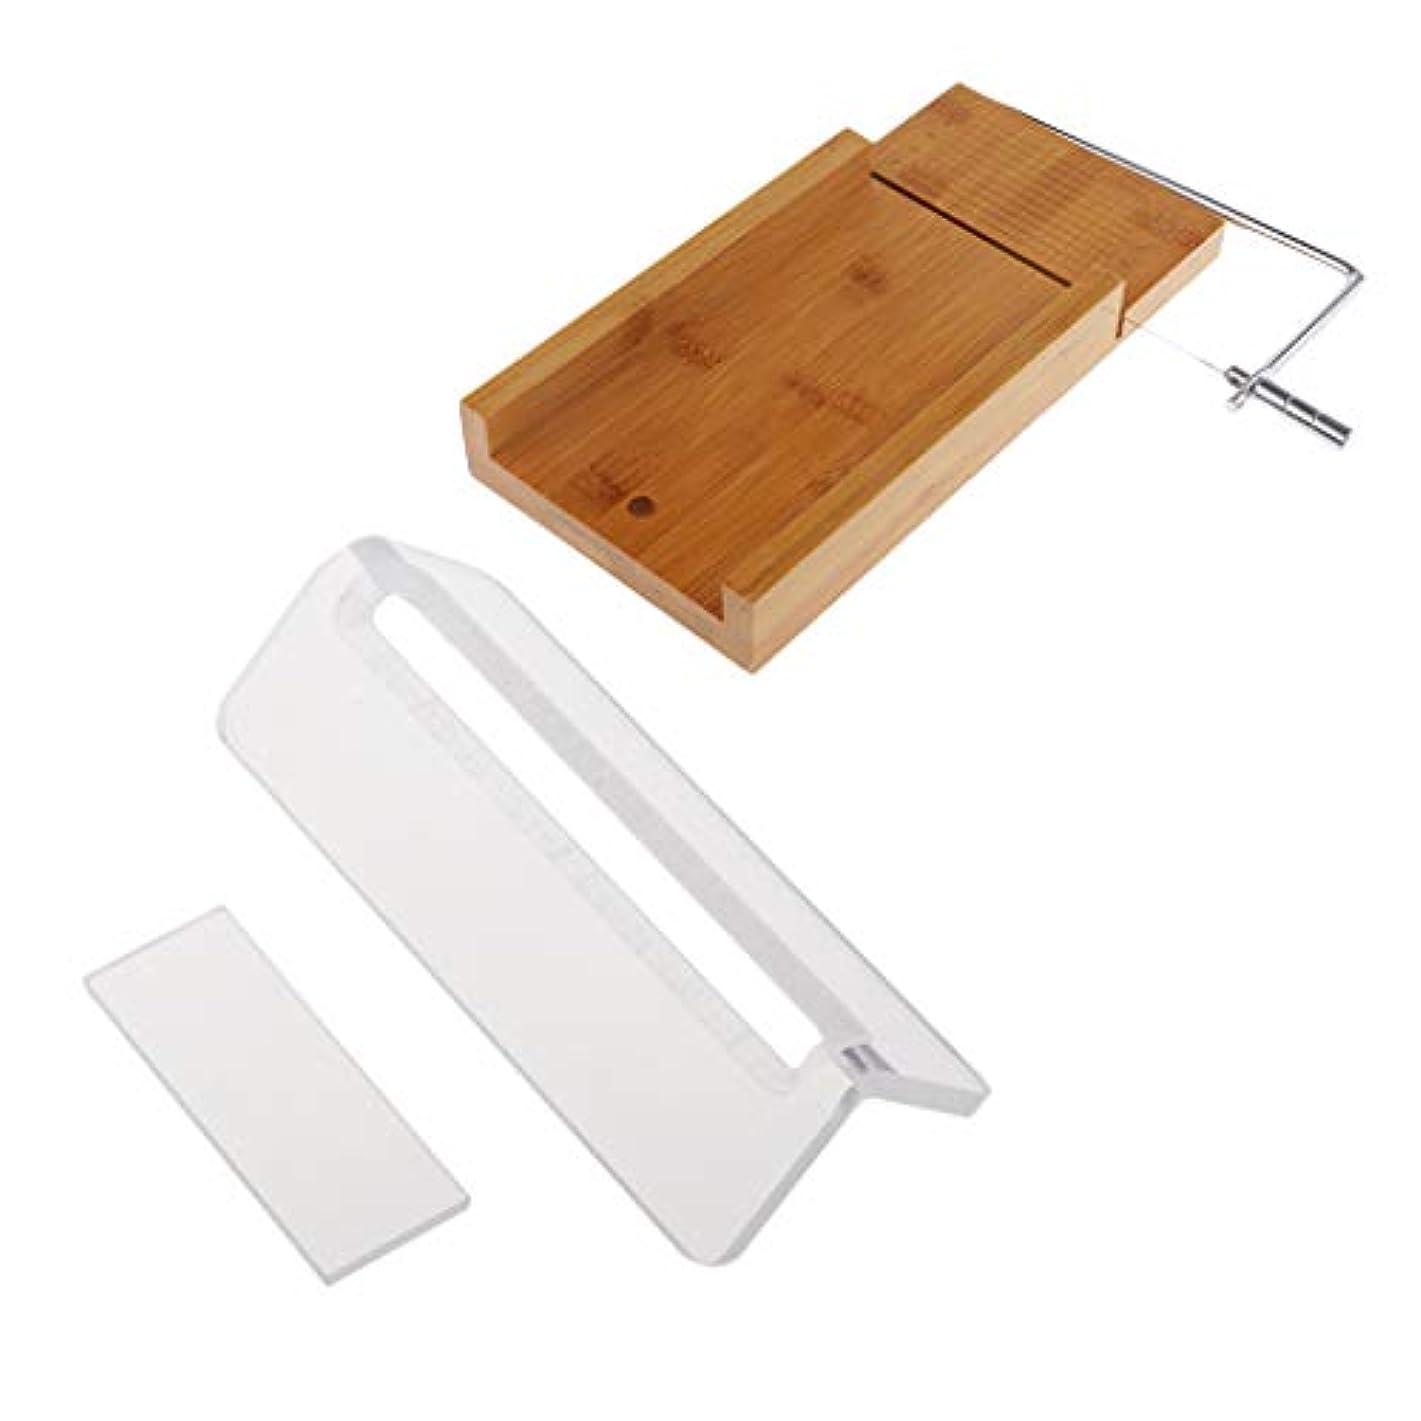 抜粋羊カートリッジFLAMEER ローフカッター 木製 ソープ包丁 石鹸カッター 手作り石鹸 DIY キッチン用品 2個入り